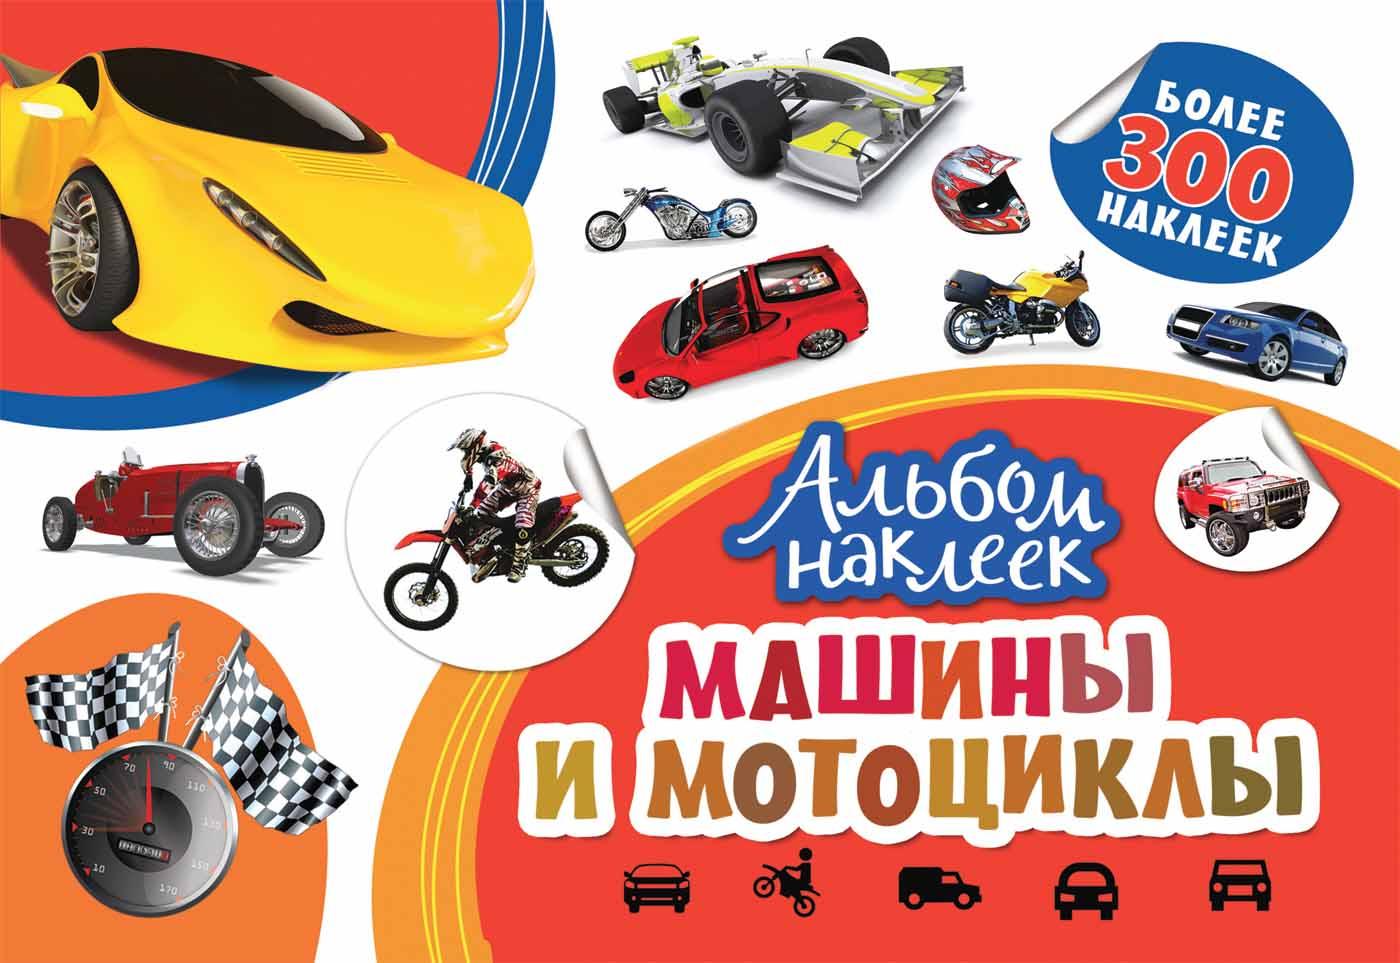 Альбом наклеек - Машины и мотоциклыНаклейки<br>Альбом наклеек - Машины и мотоциклы<br>